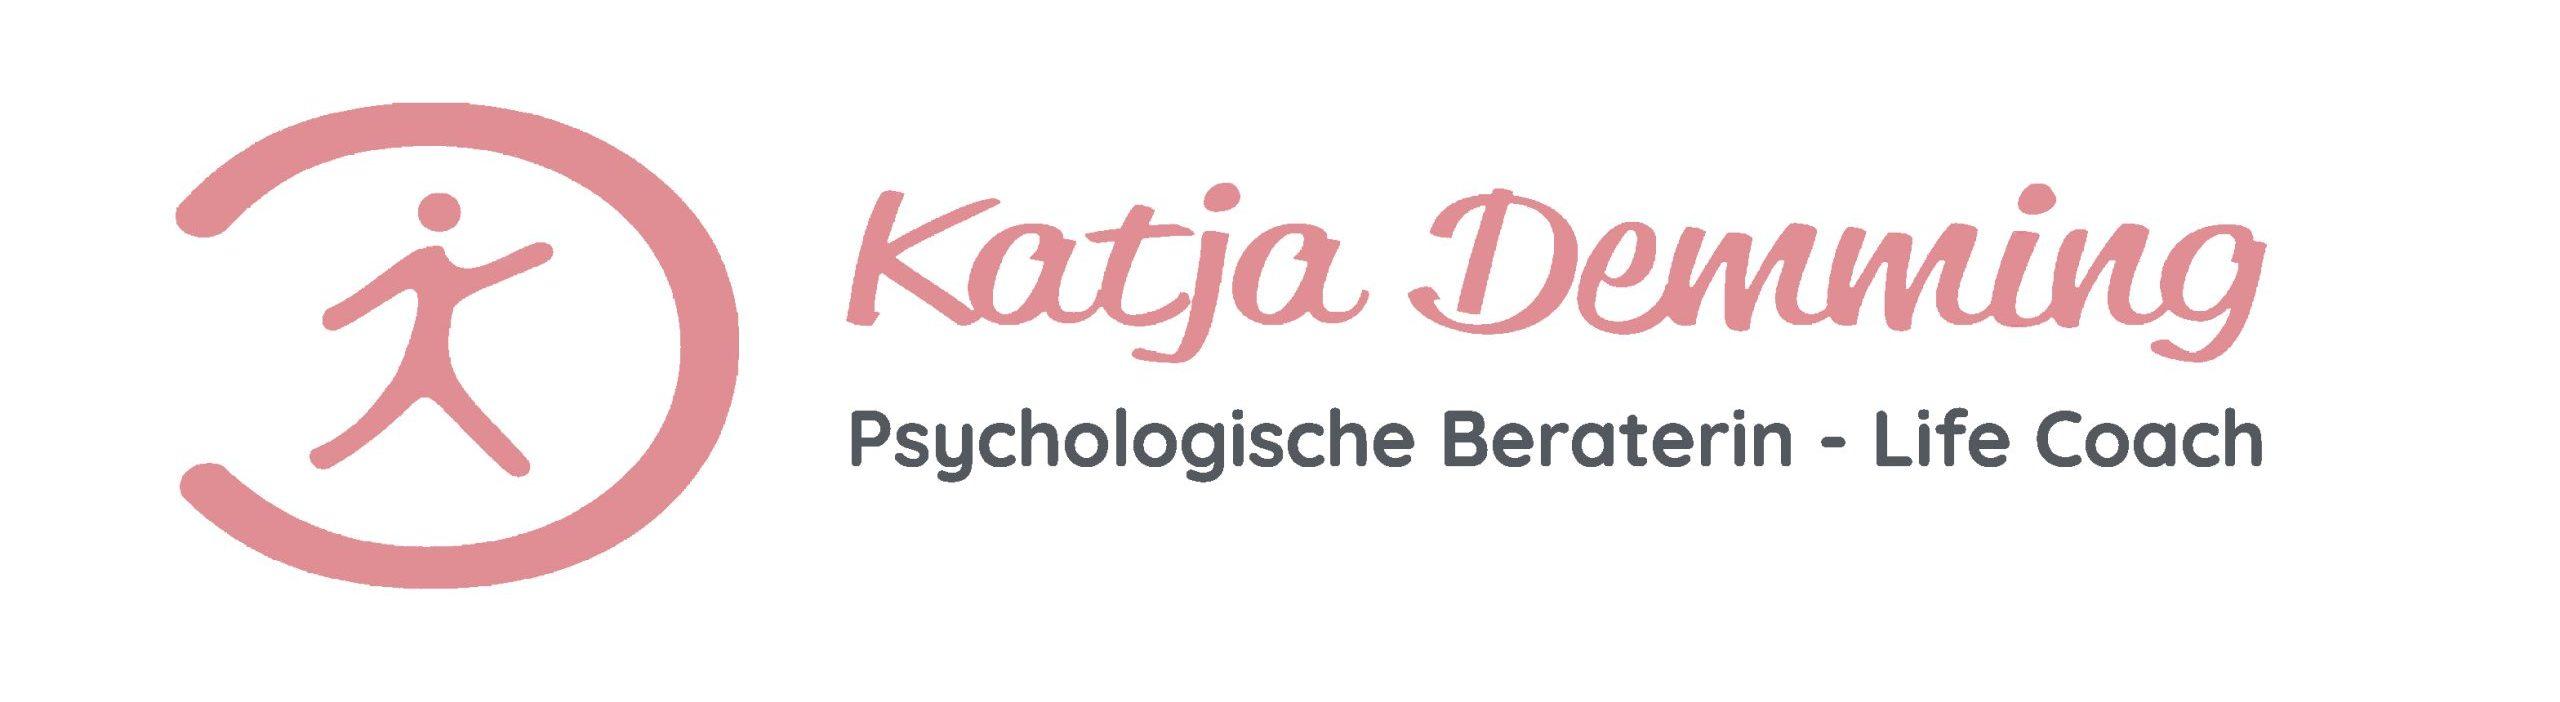 Katja Demming